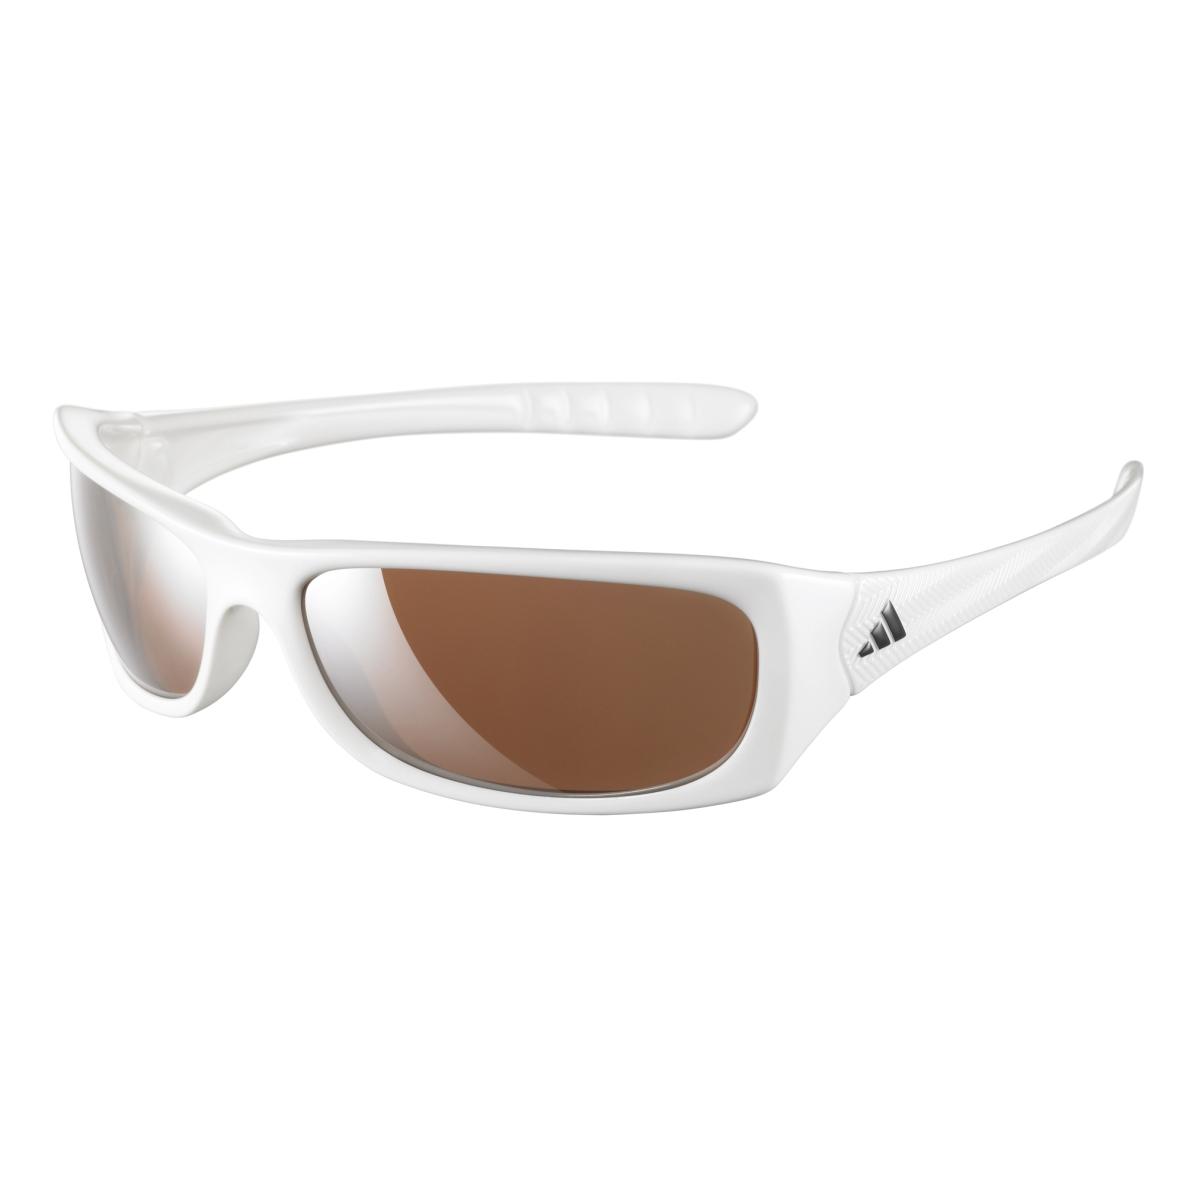 Adidas Davao Sunglasses - White